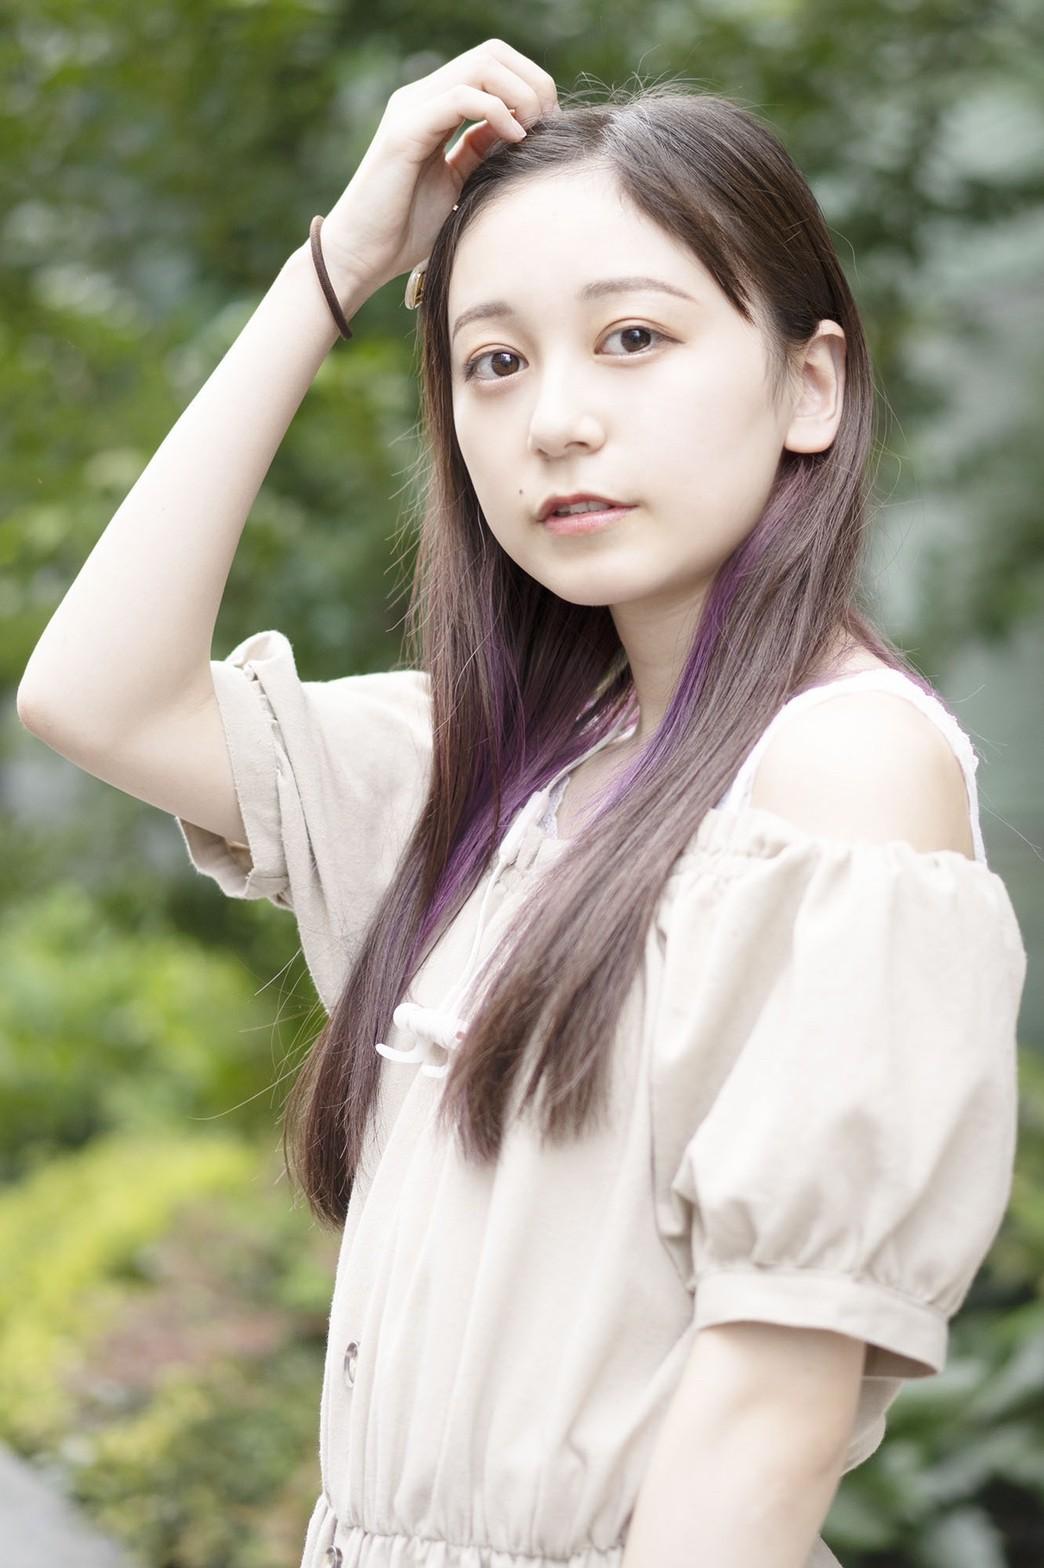 宮坂 杏 イメージ画像